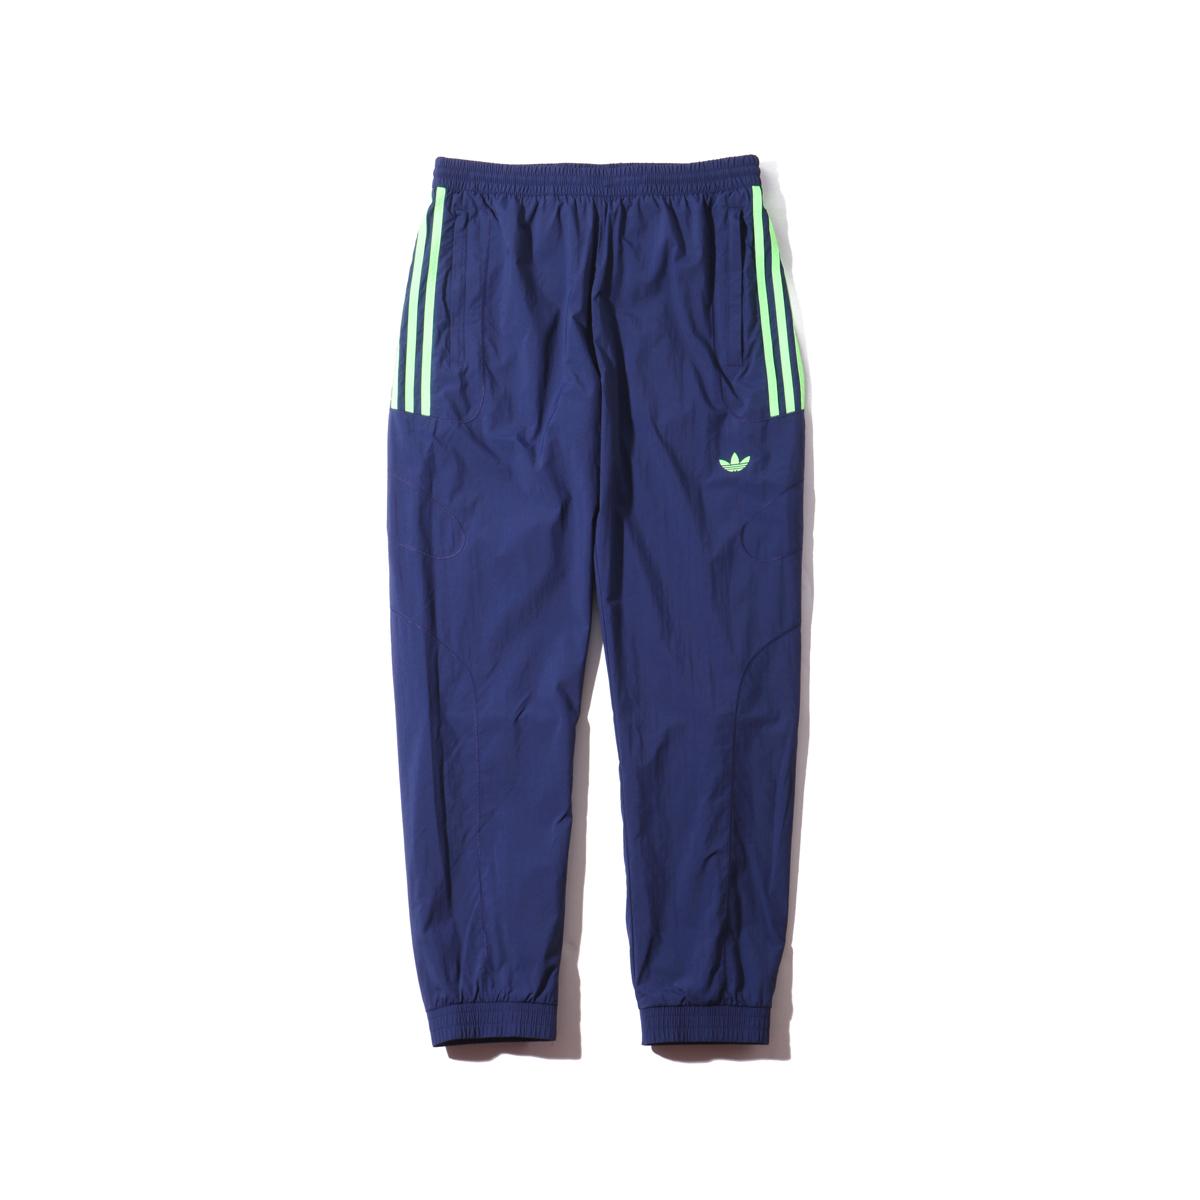 8d7912f9bb adidas Originals FLAMESTRIKE WOVEN TRACK PANTS (DARK BLUE) (Adidas  originals frame strike Woo BUND rack underwear)